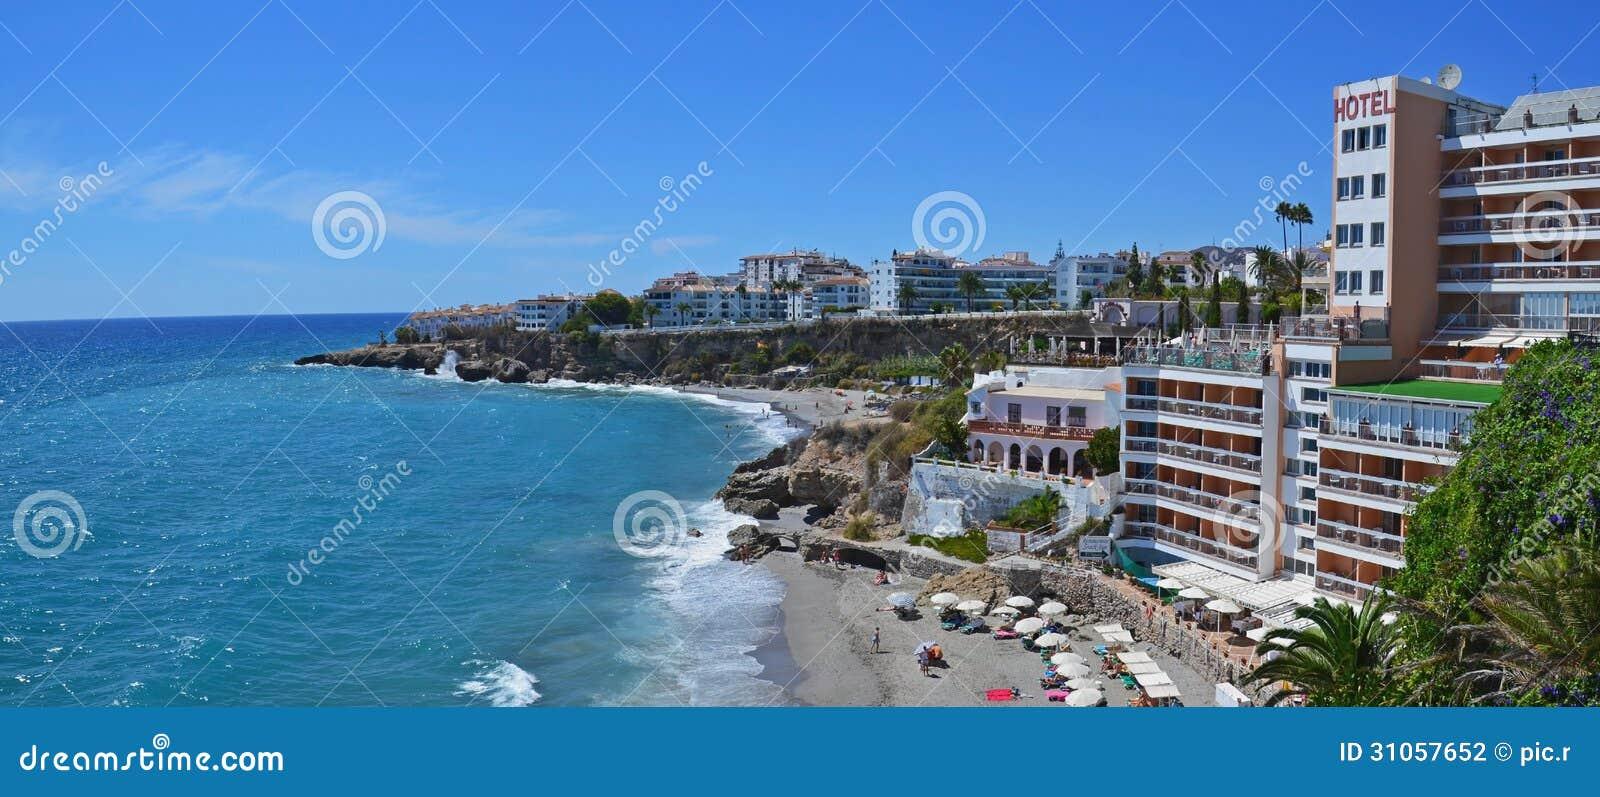 Station touristique Nerja de bord de la mer en Espagne, panorama